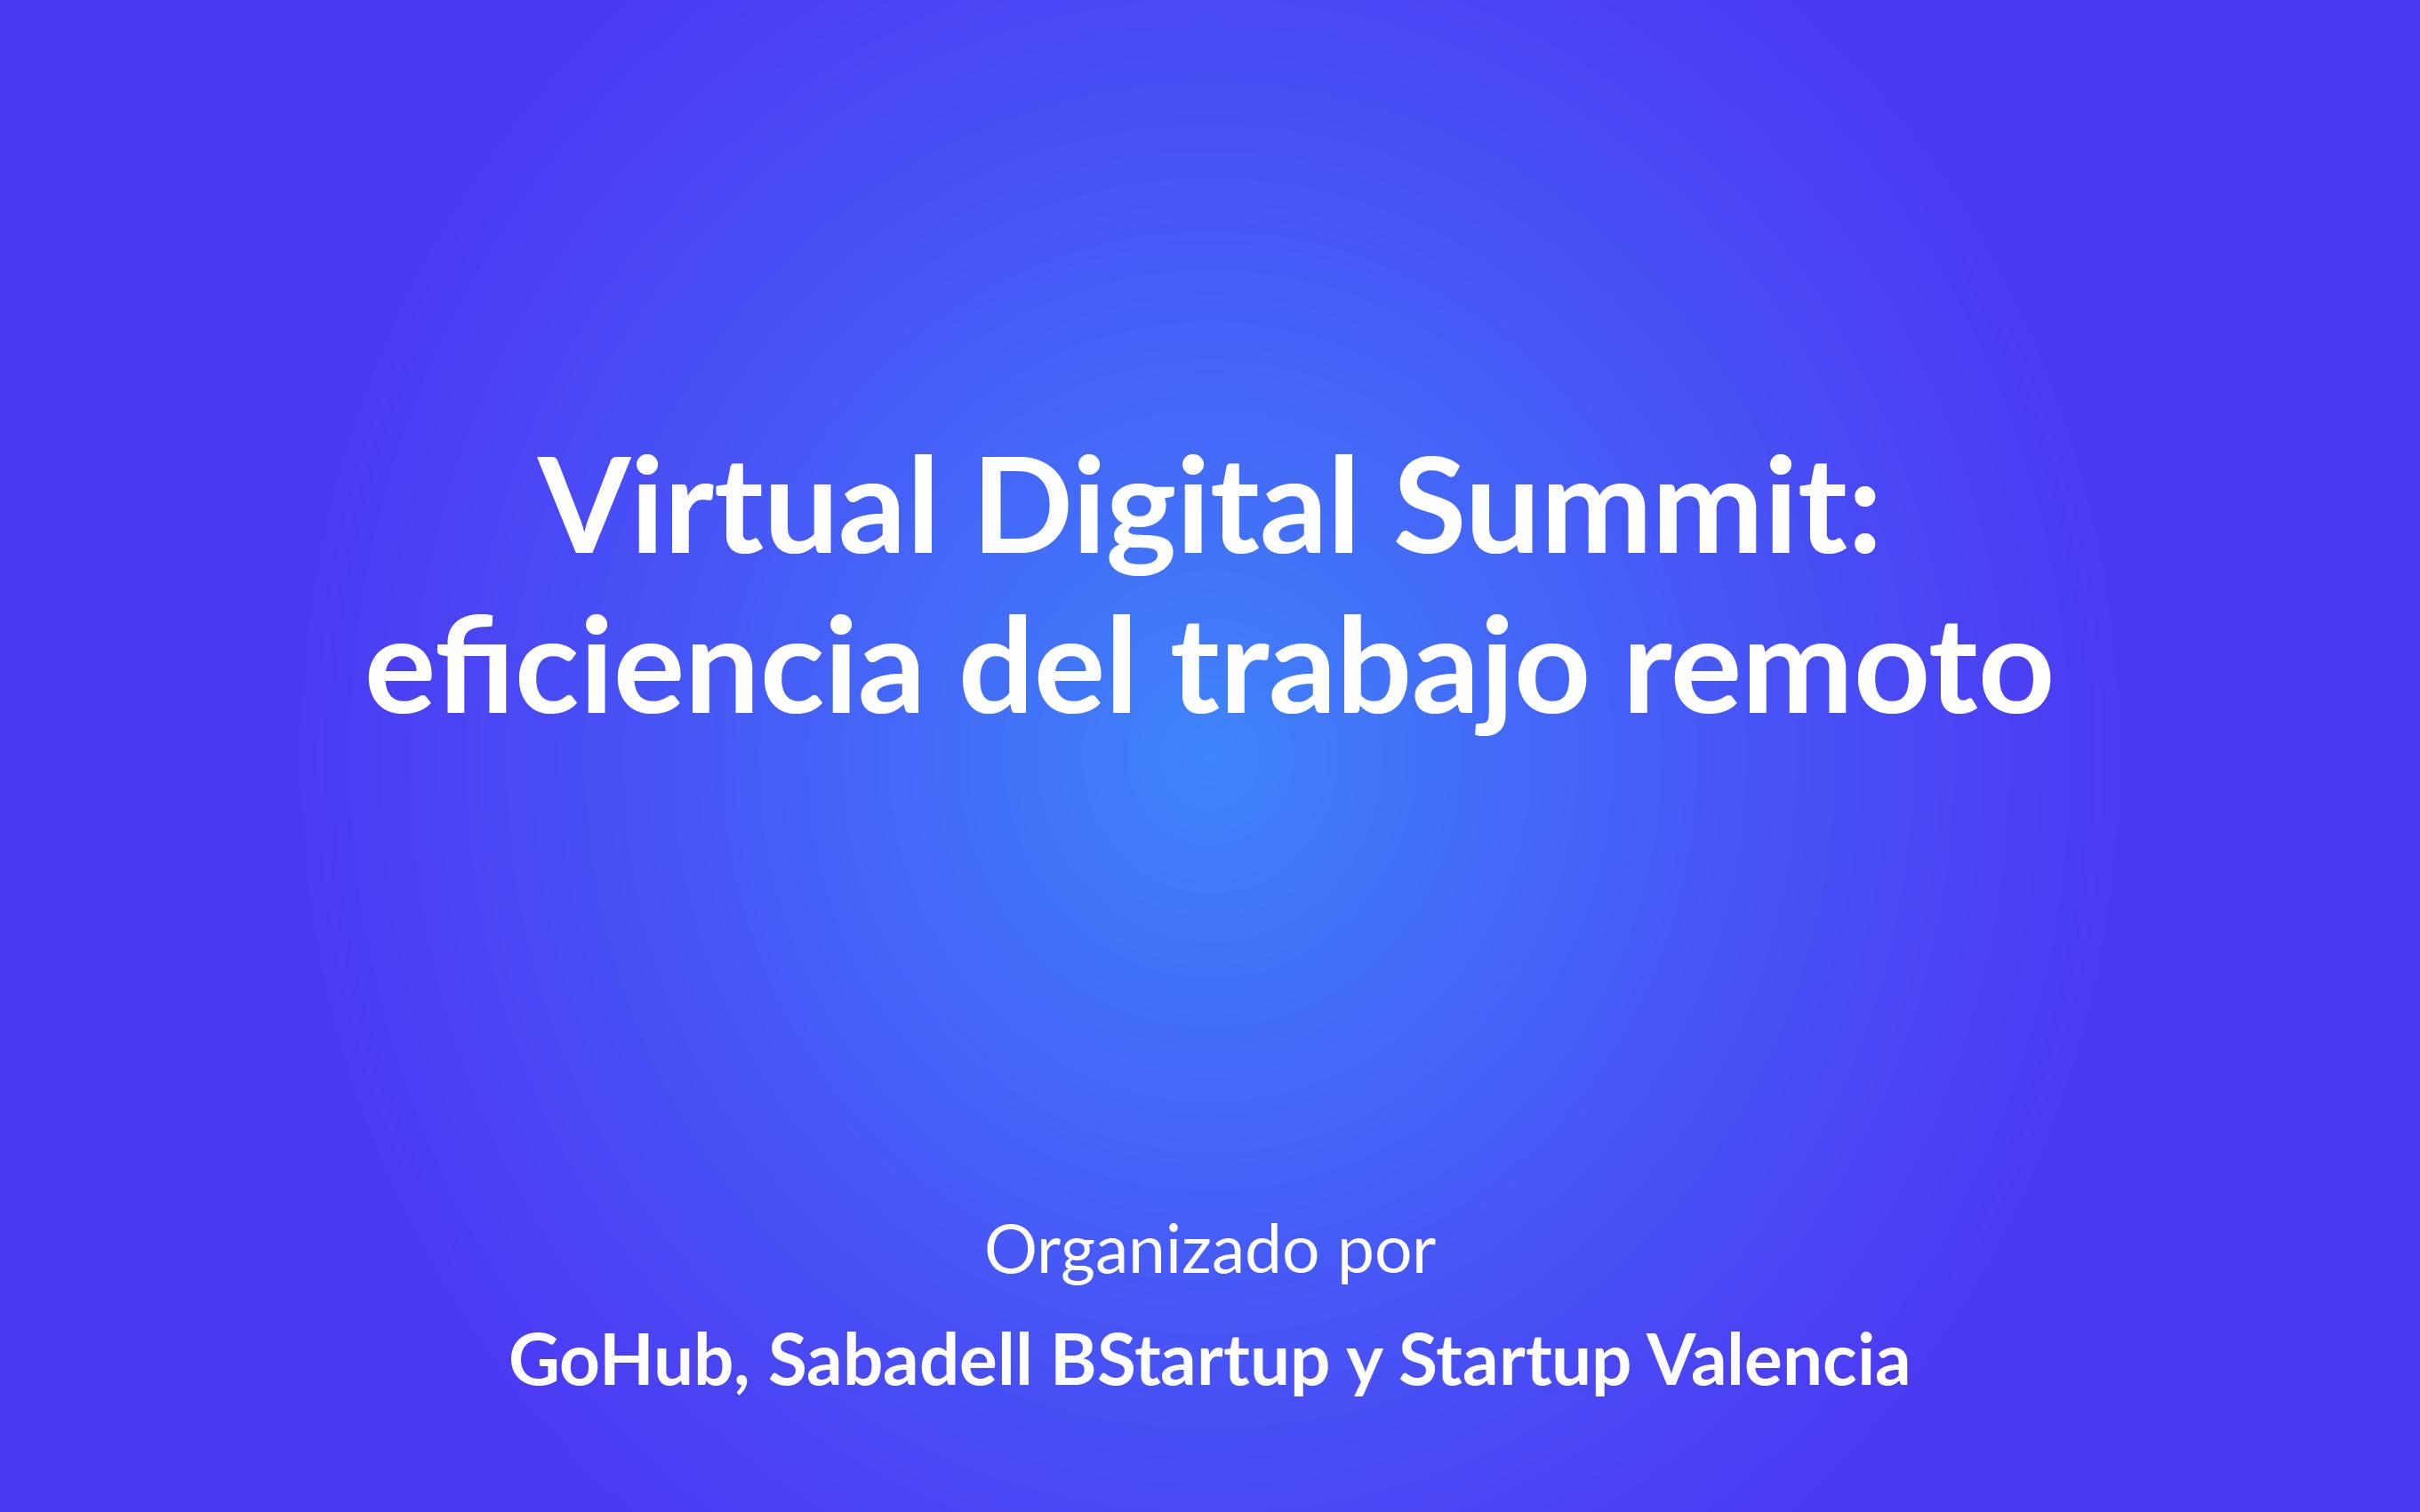 Virtual Digital Summit: eficiencia del trabajo remoto